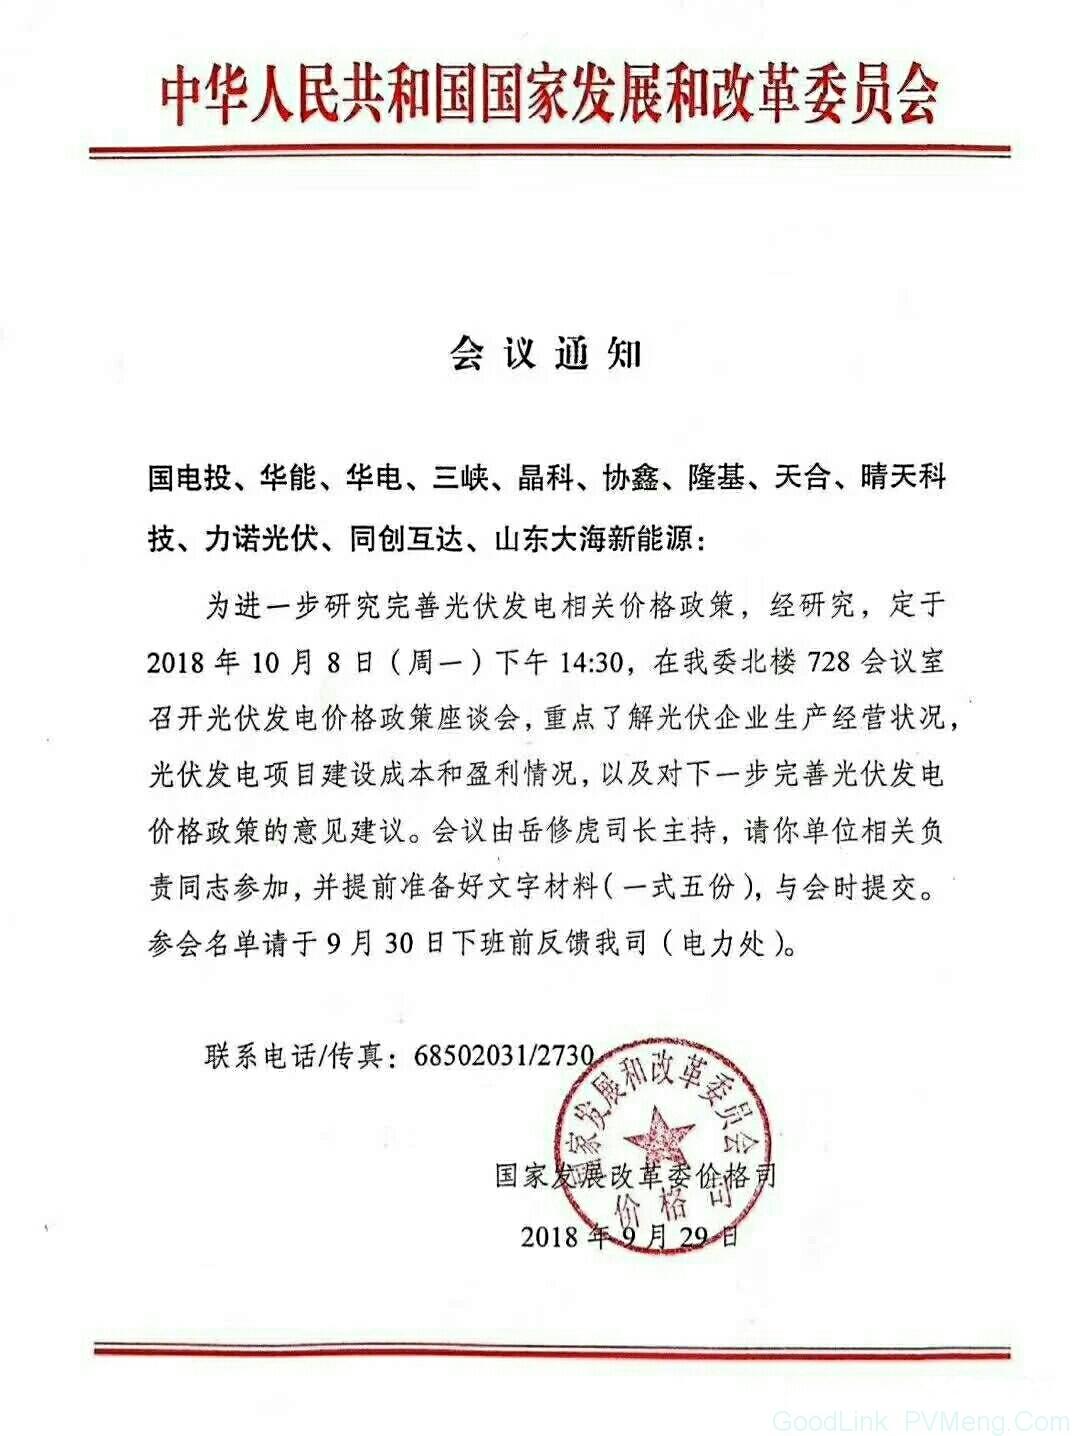 """0月8日下午,国家发改委将召开光伏发电价格政策座谈会"""""""